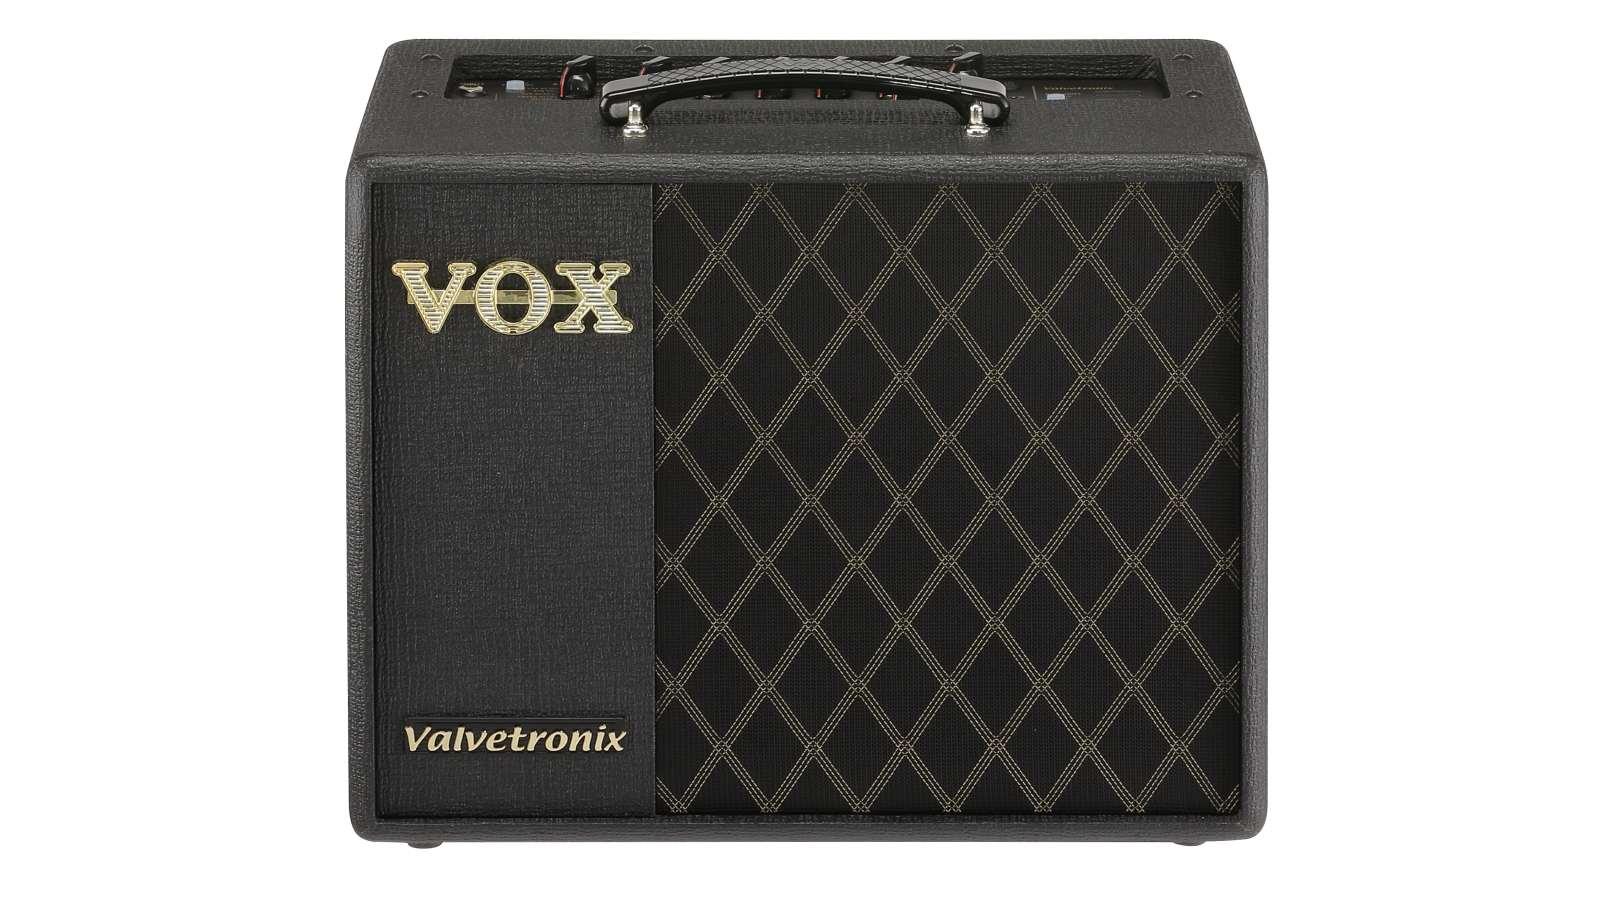 Vox VT20X Modeling Combo